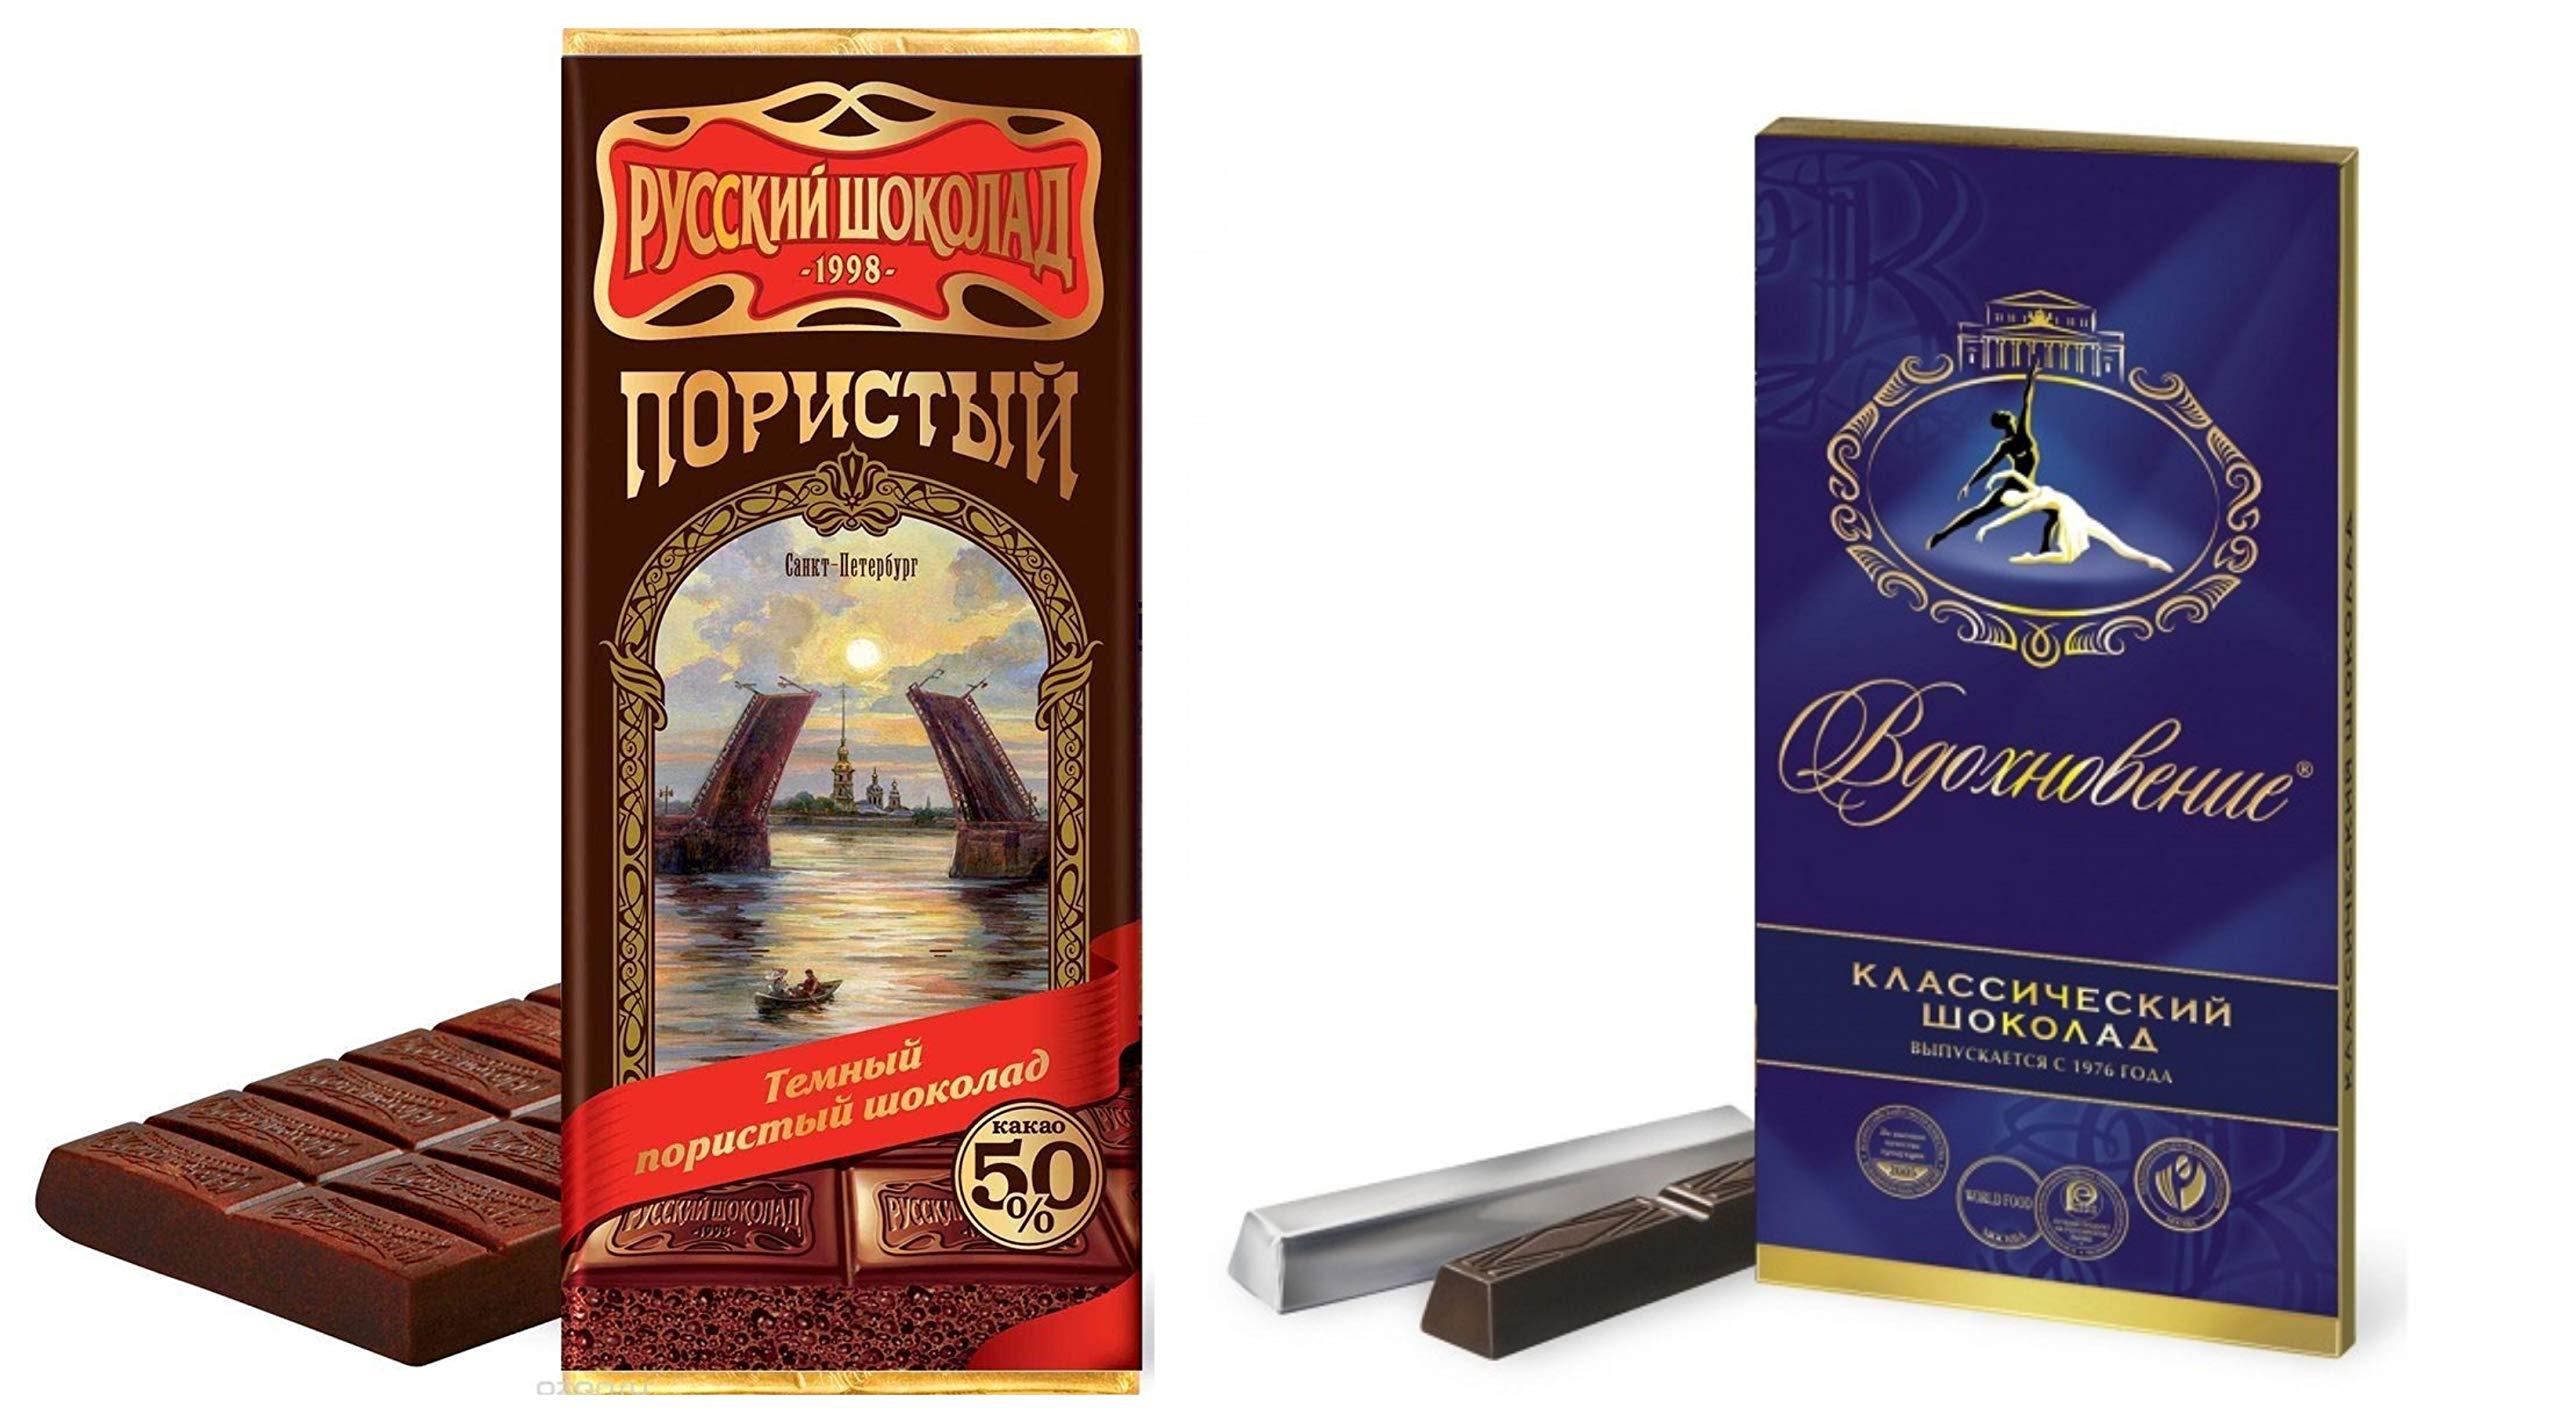 Russian Dark Chocolate «Vdohnovenie» cCassic & Russia Elite Dark Aereated Chocolate